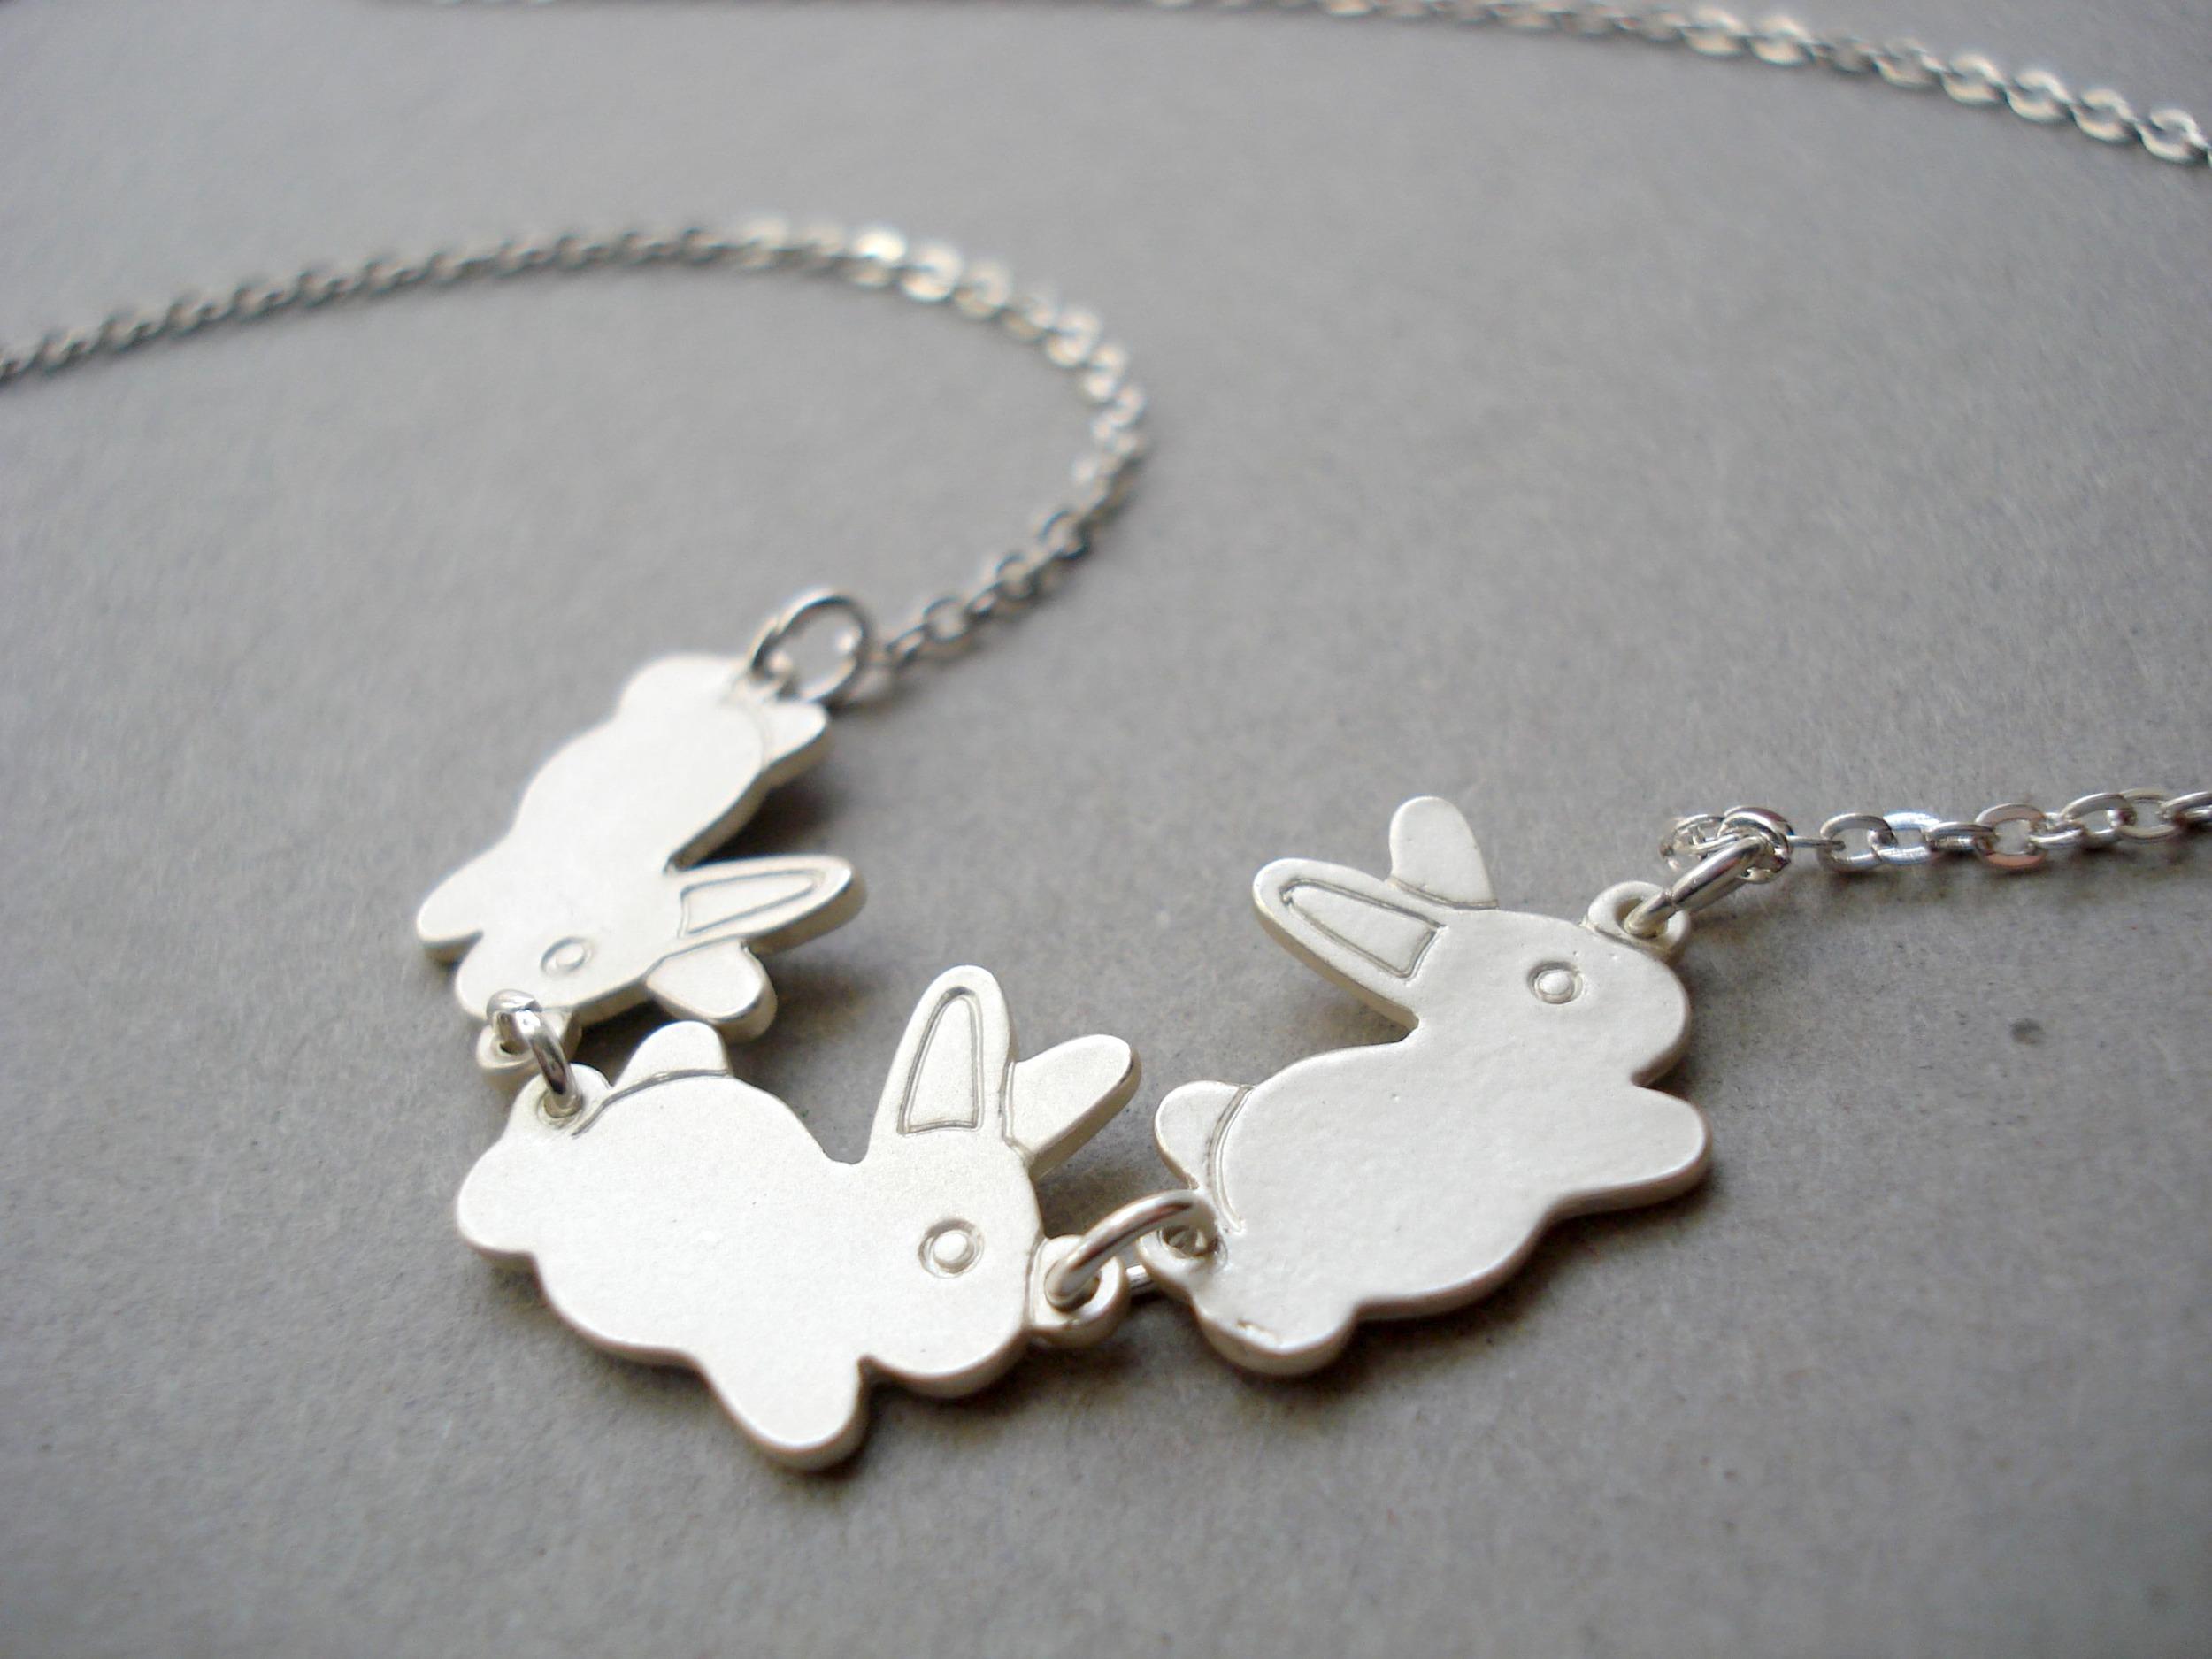 silver bunny necklace